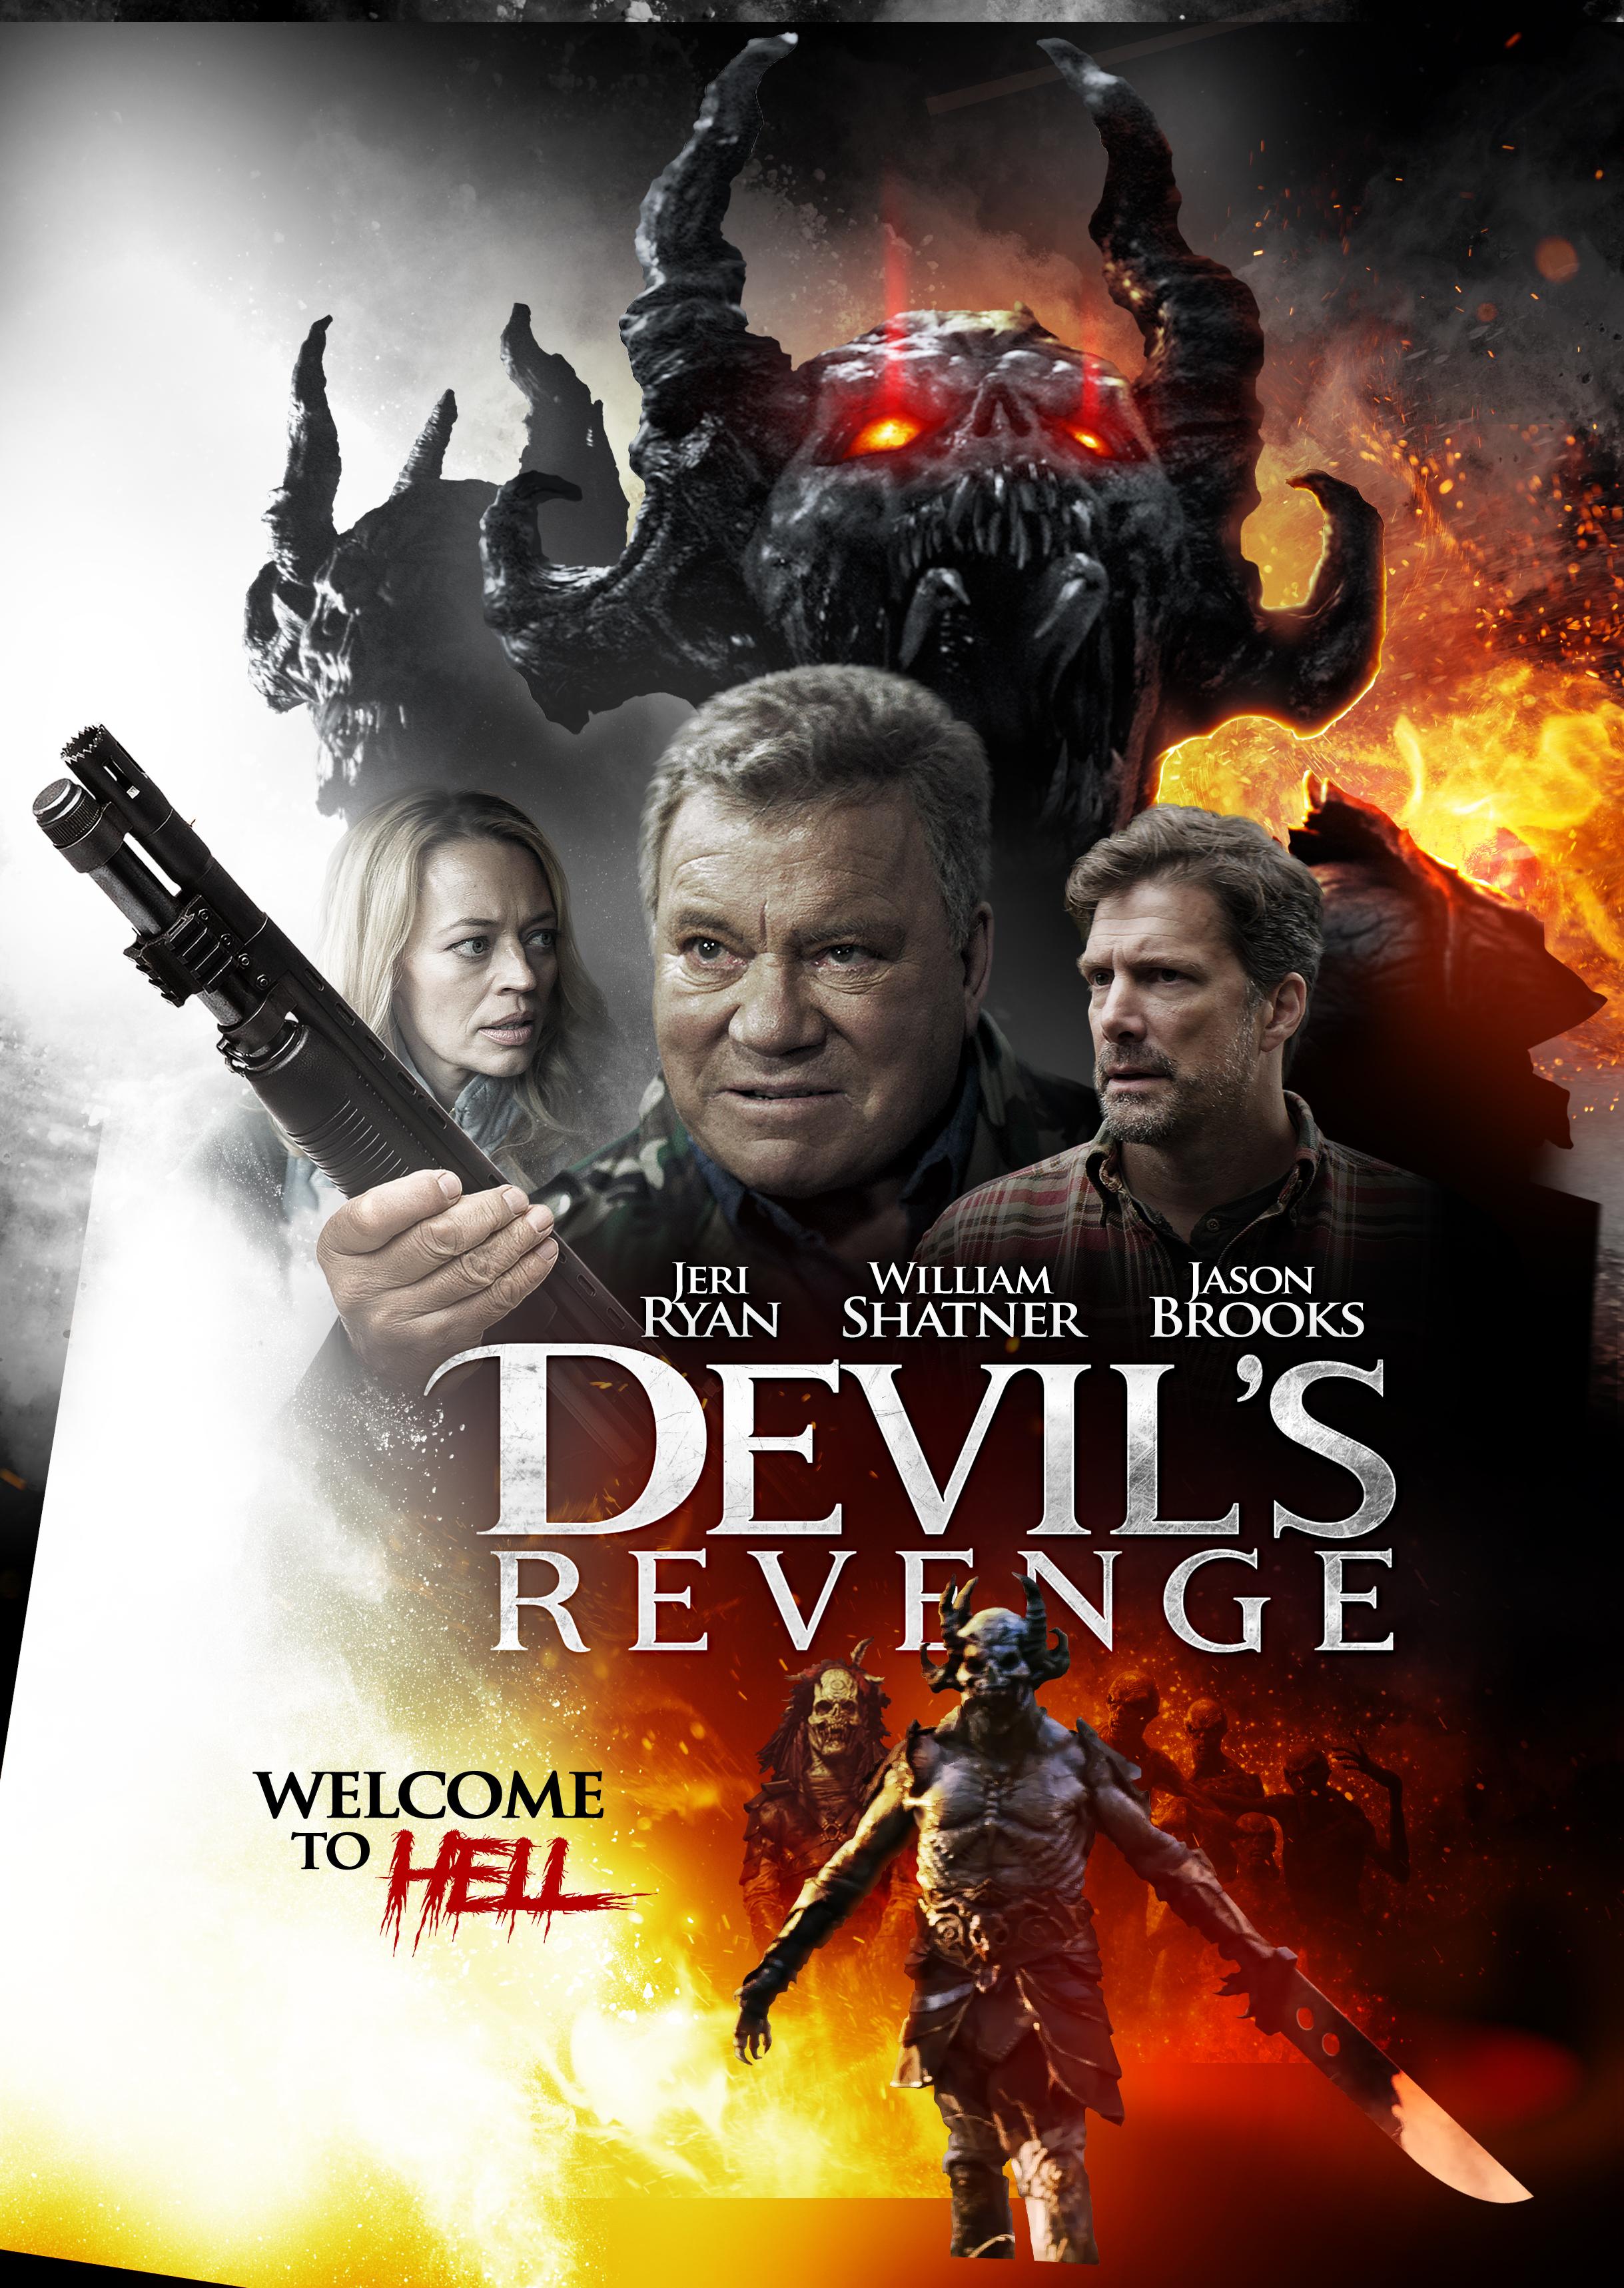 Velnio kerštas (2019) / Devils Revenge